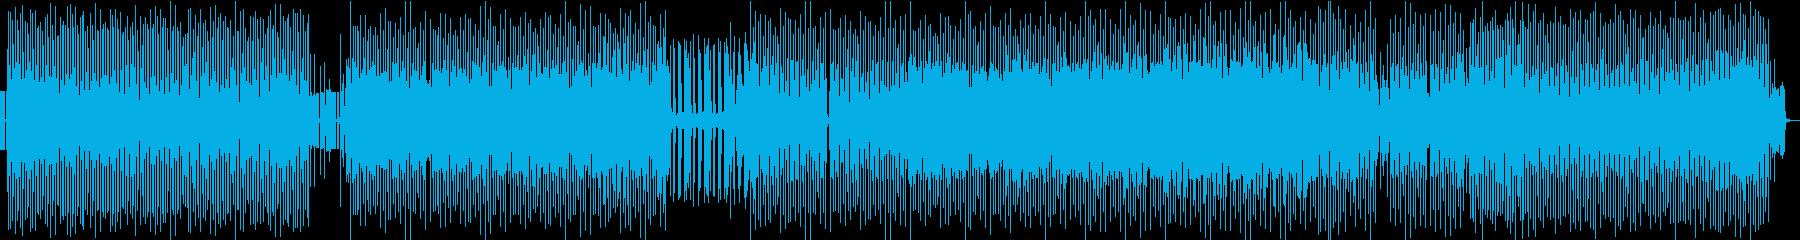 退廃的要素のない旋律を融合させたテクノの再生済みの波形